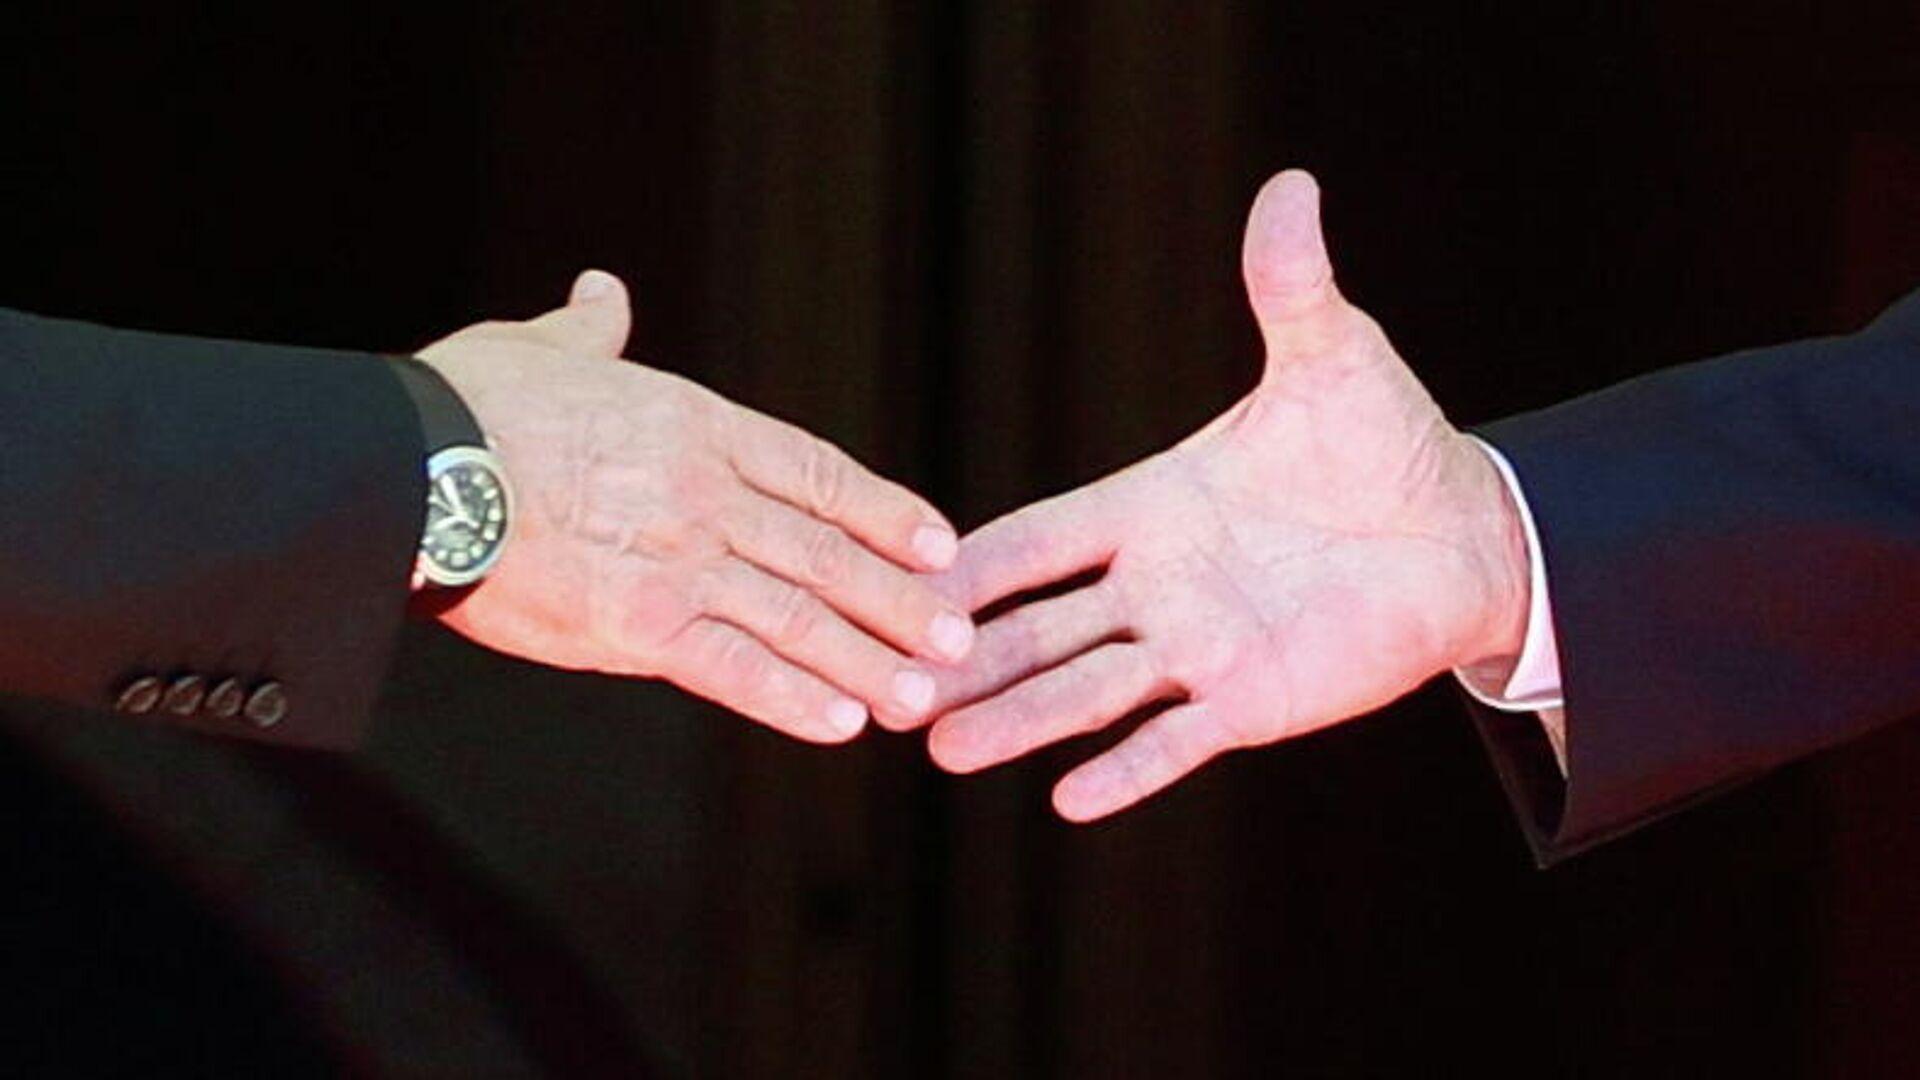 Президент Джо Байден и президент России Владимир Путин обмениваются рукопожатием  - Sputnik Тоҷикистон, 1920, 11.10.2021